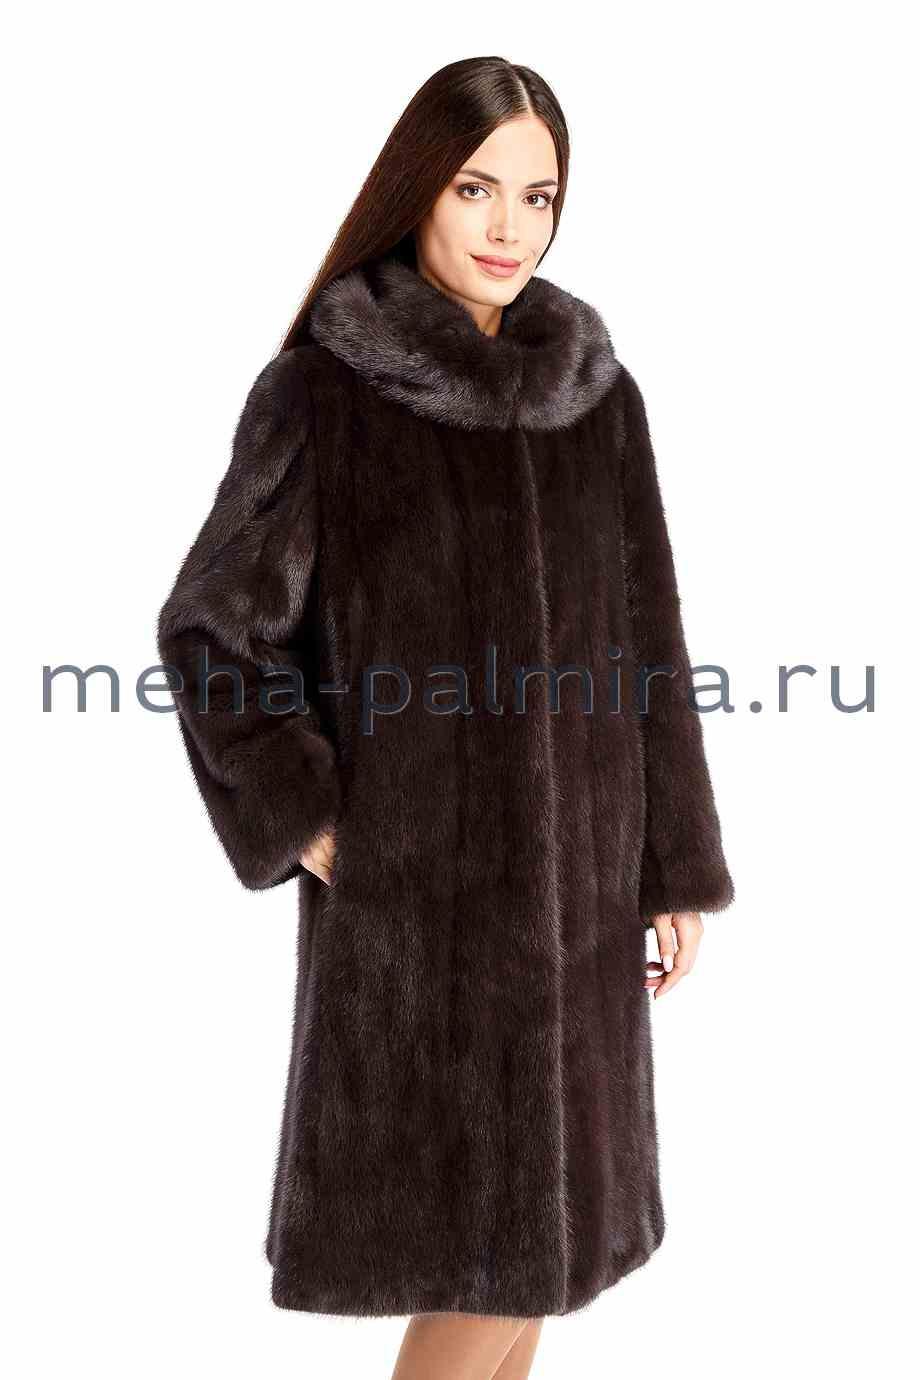 Норковая шуба годе с капюшоном, цвет капучино